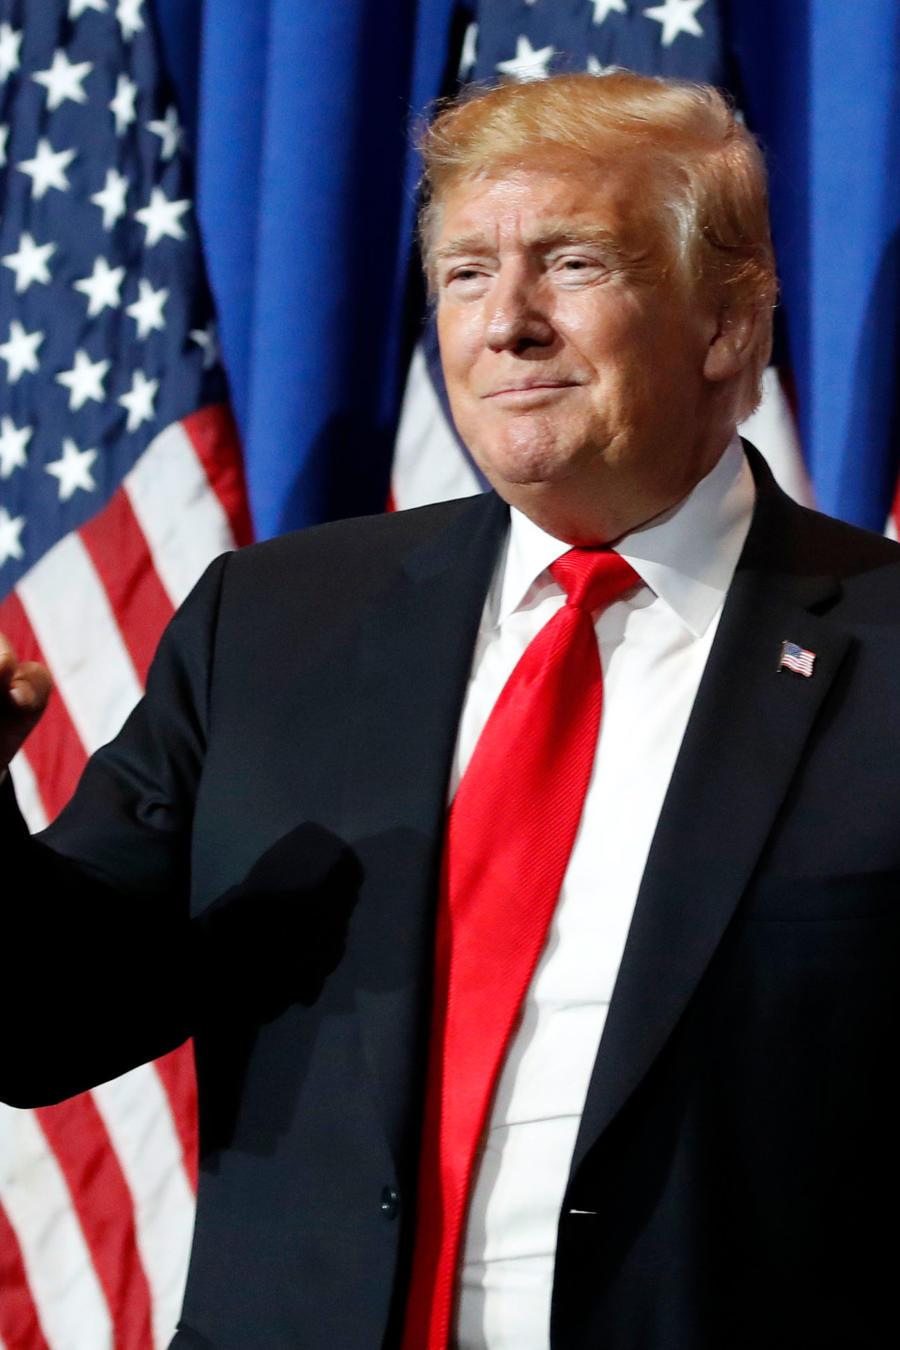 El presidente Trump en un evento en Washington D.C. el viernes 17 de mayo de 2019